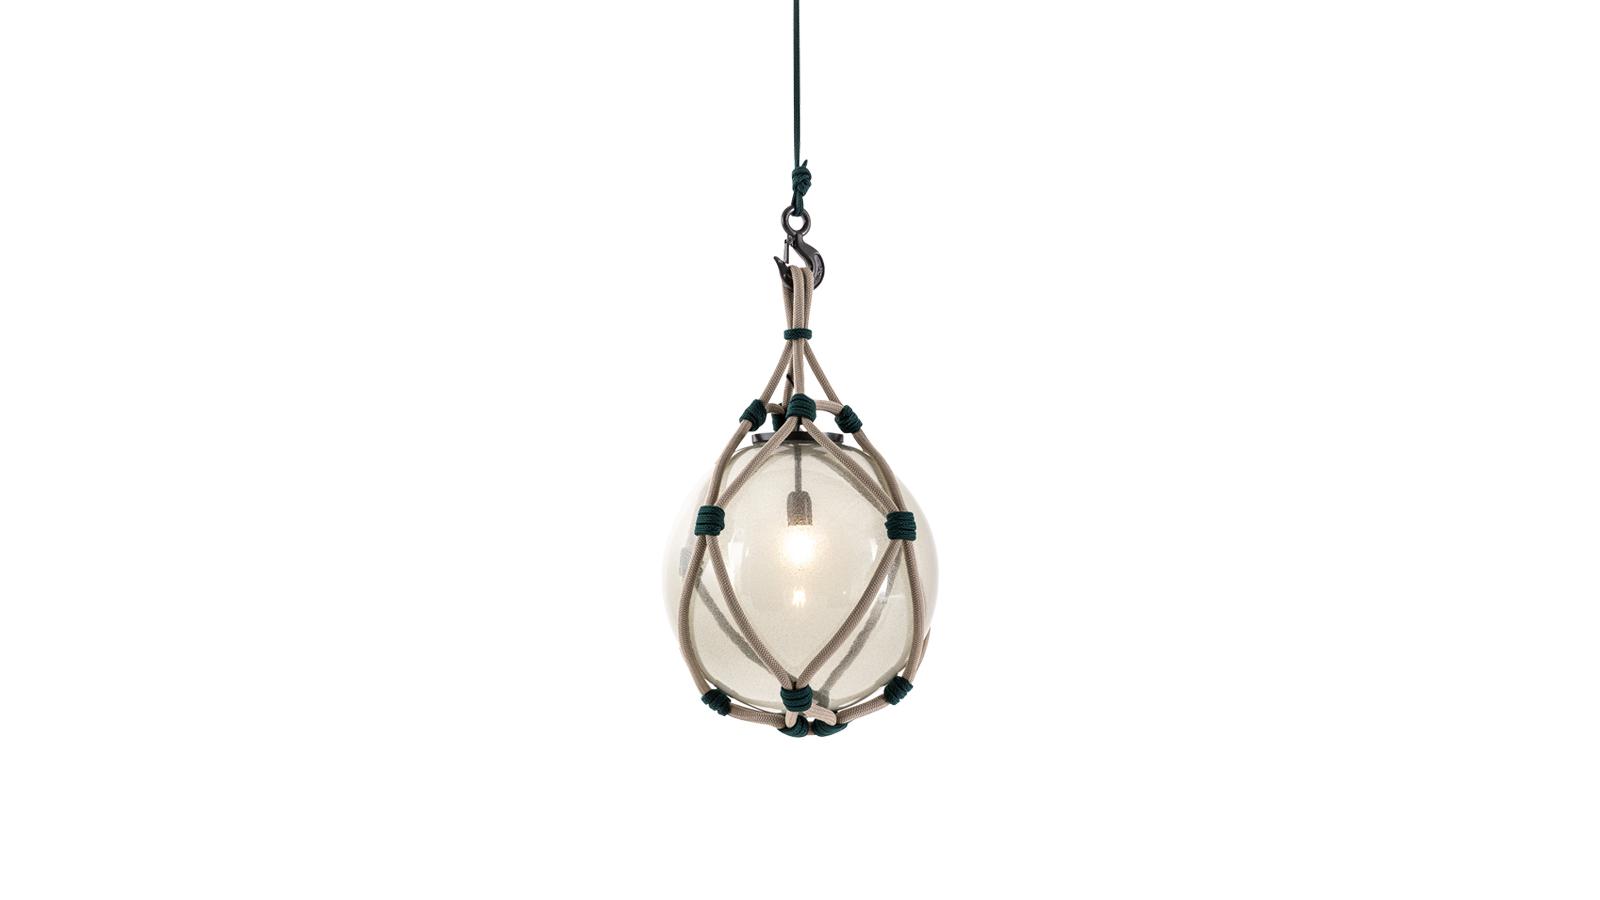 A Bollicosa Nautilus outdoor lámpa egyediségét a fúvott üveg gömb adja, melynek köszönhetően minden darab egyedi. A népszerű lámpát gyártója, a Cassina idén új, kültéri verzióban is bemutatta 2020-ban, így a termék már két méretben, különböző színkombinációkban is elérhető.